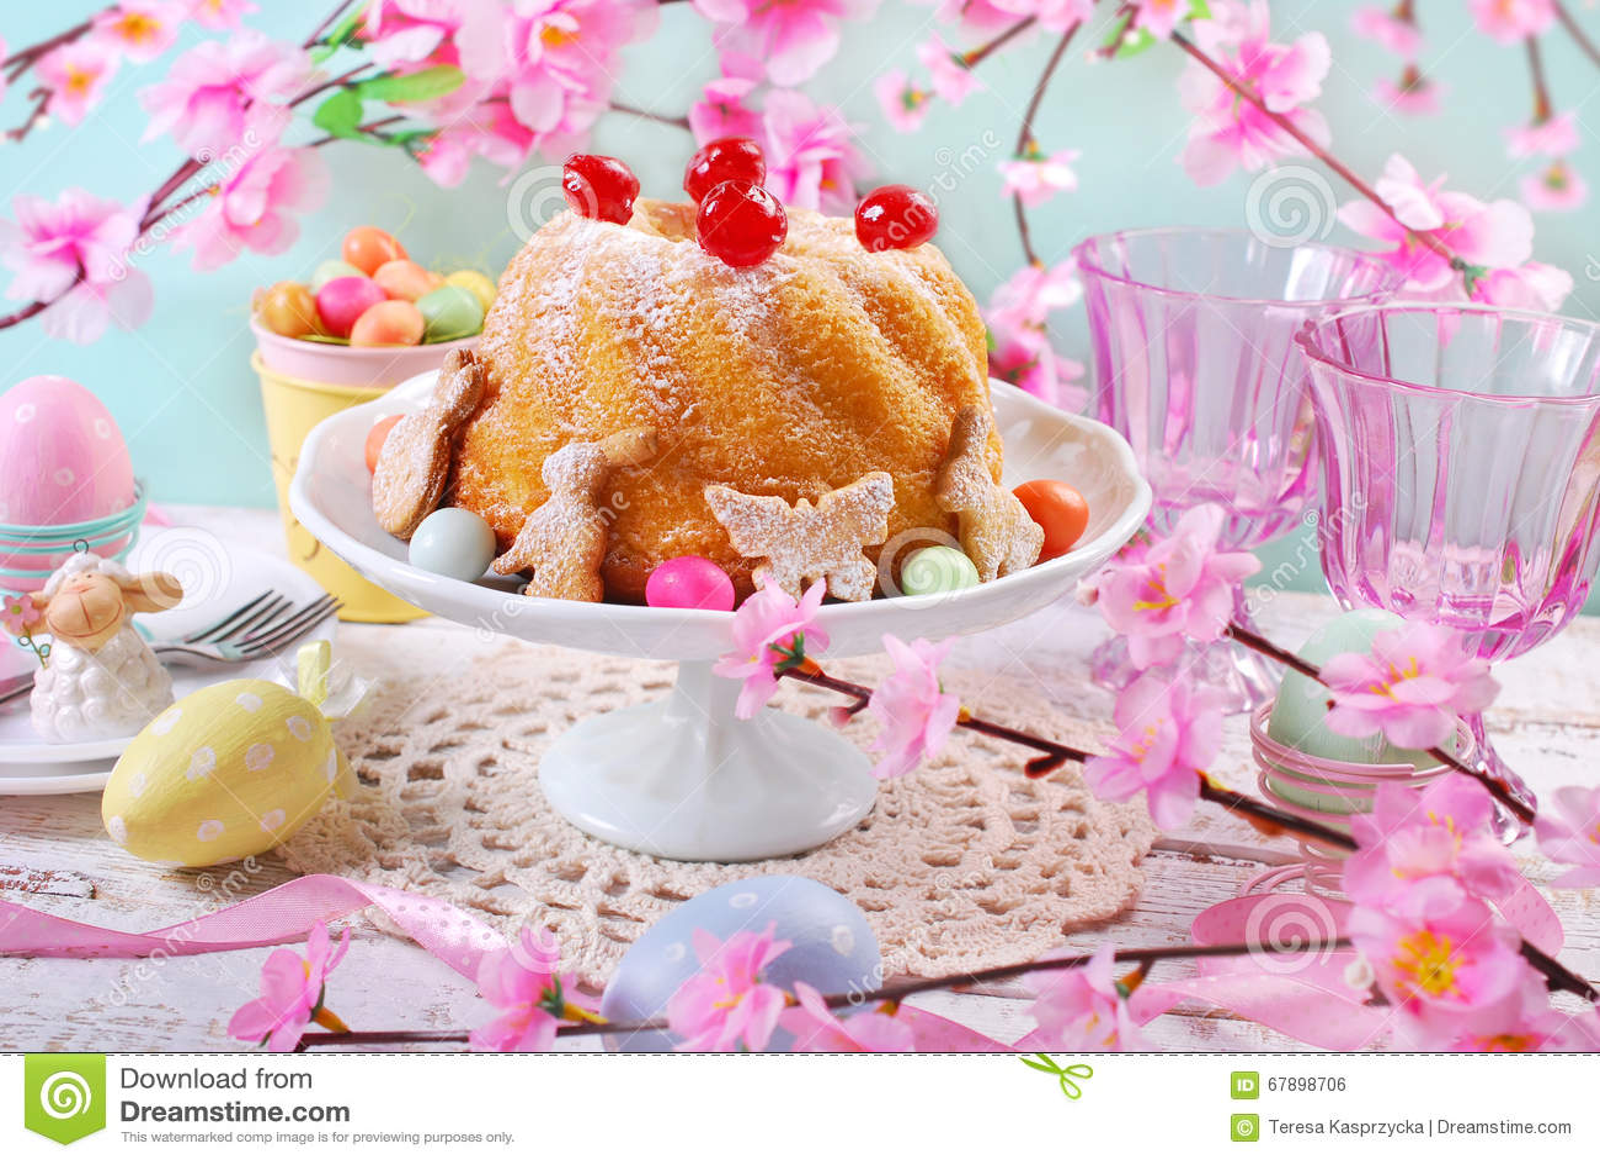 Bolo do anel da Páscoa com decoração da cereja e açúcar de crosta de gelo